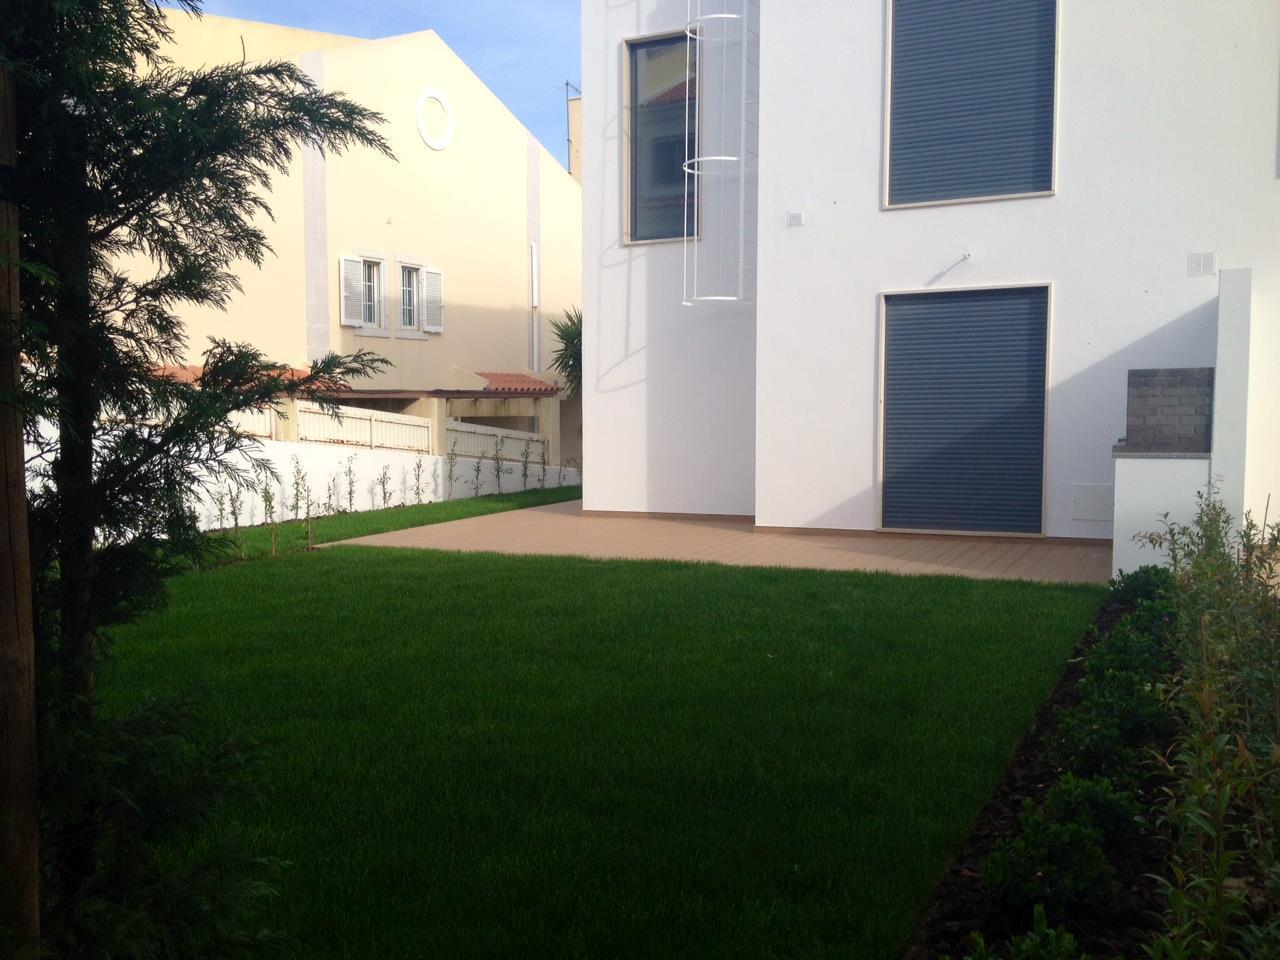 Einfamilienhaus für Verkauf beim House, 3 bedrooms, for Sale Cascais, Lissabon Portugal